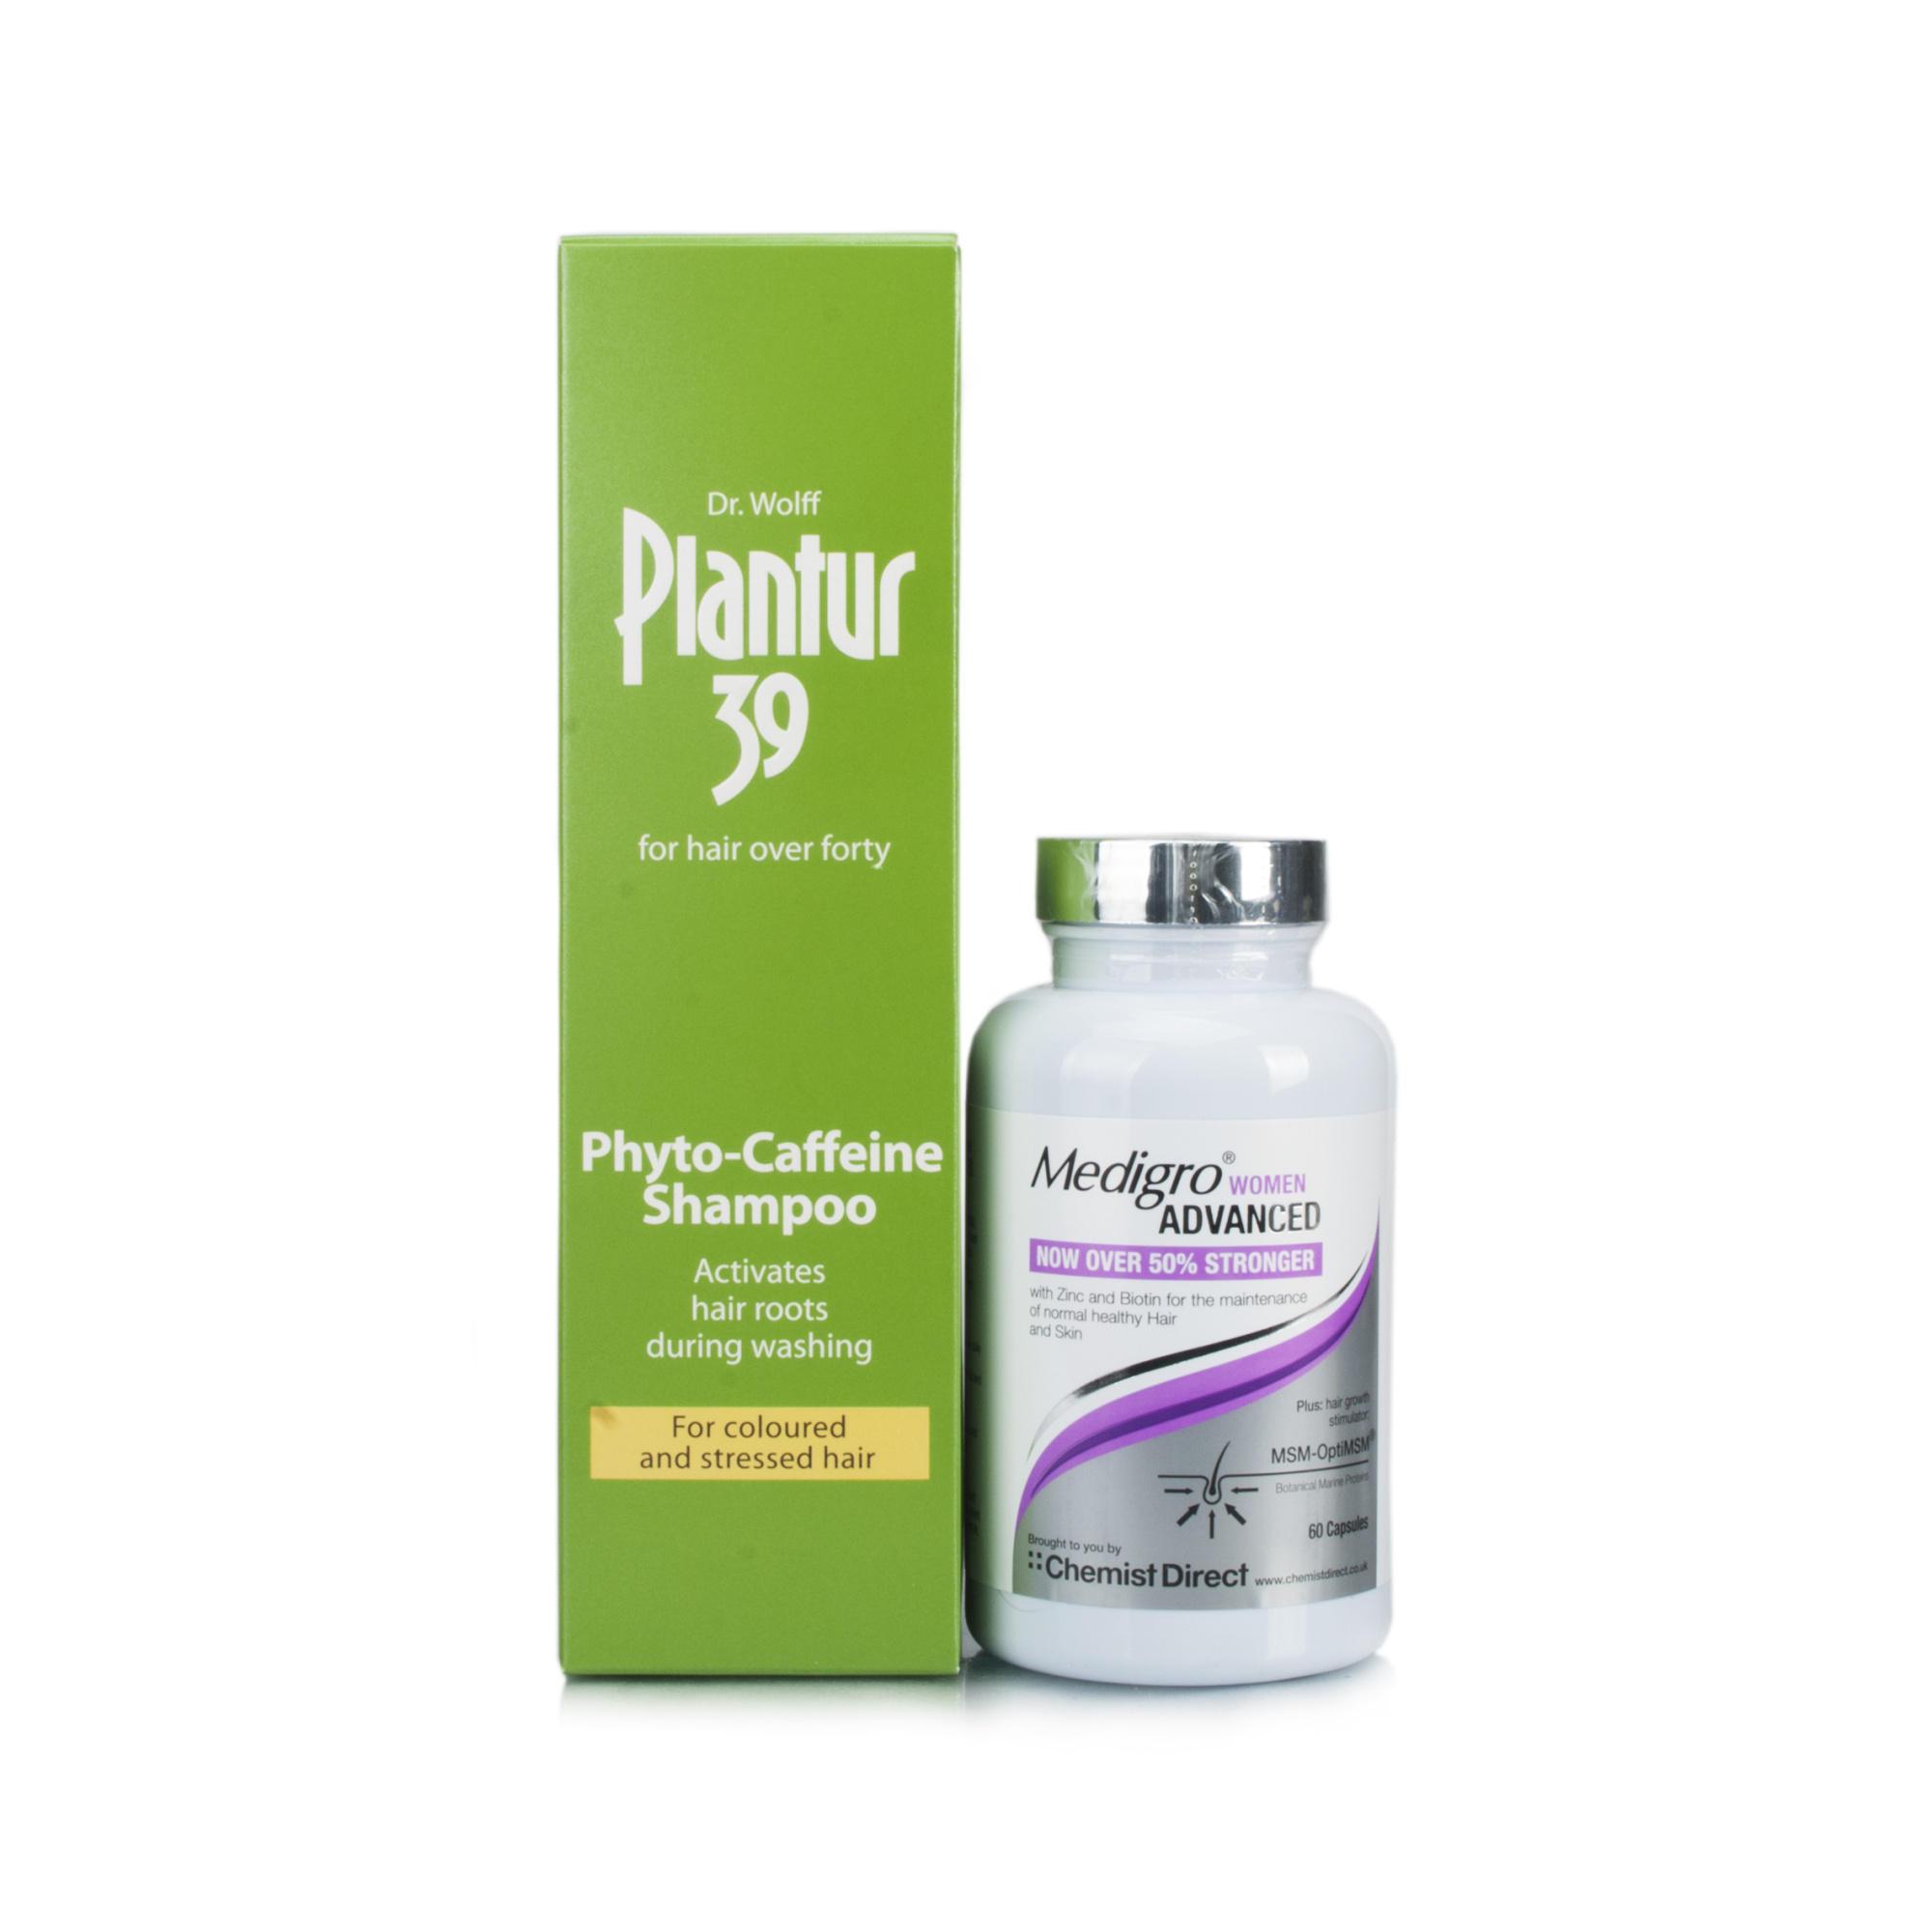 Plantur 39 Caffeine Shampoo For Coloured Hair & Medigro Advanced Supplement for Women Pack